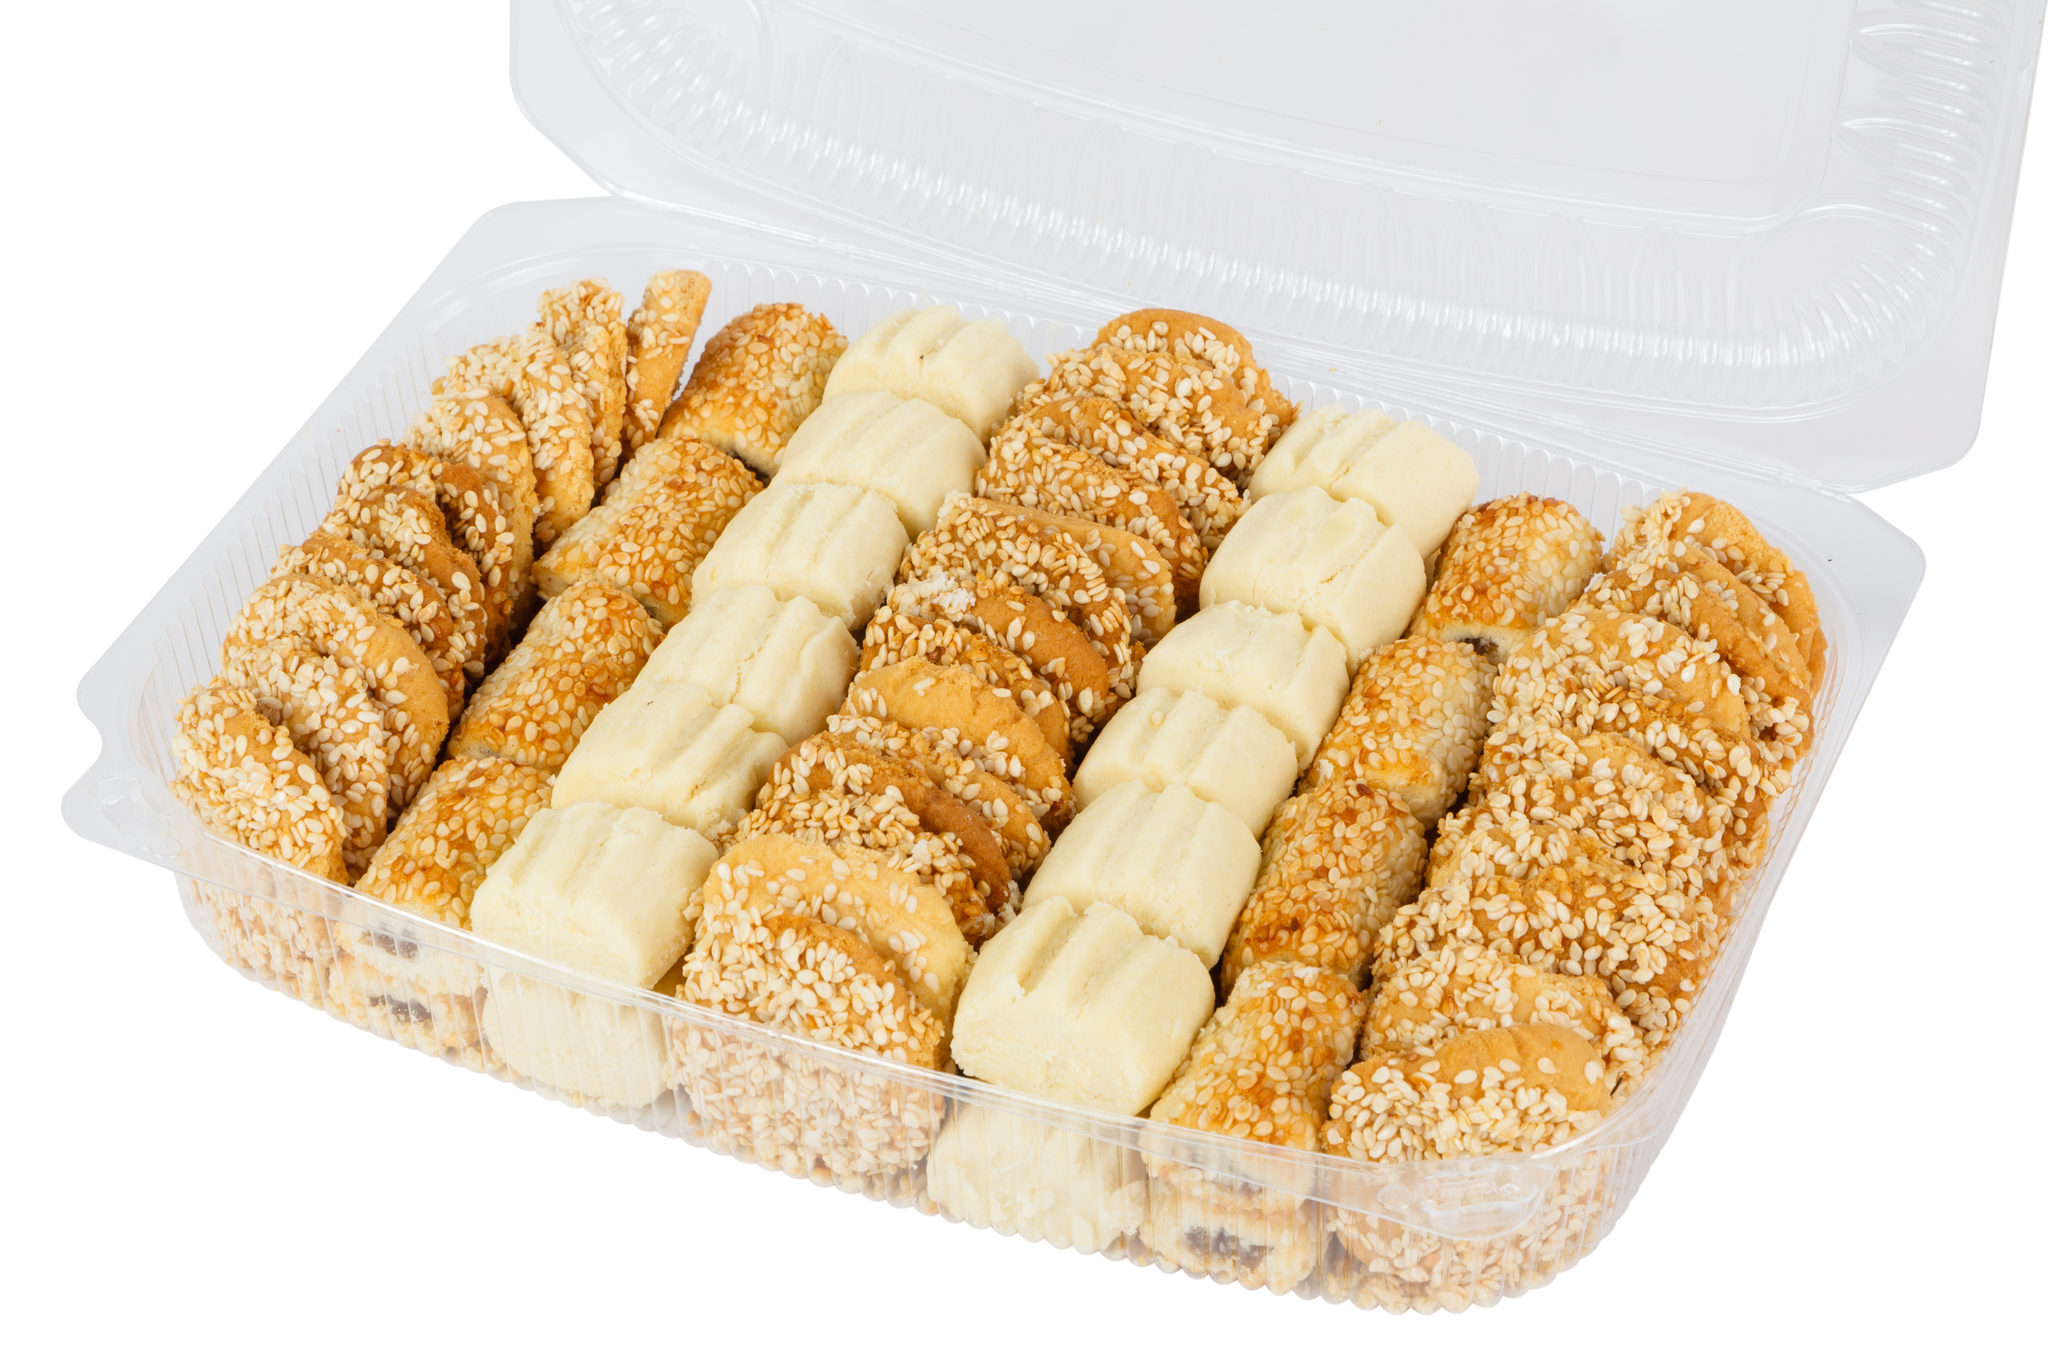 """Печенье Восточное печенье ассорти """"Микс"""", 500 г import_files_6f_6f5dd3b6787e11e799f3606c664b1de1_2267781bae6c11e7b011fcaa1488e48f.jpg"""